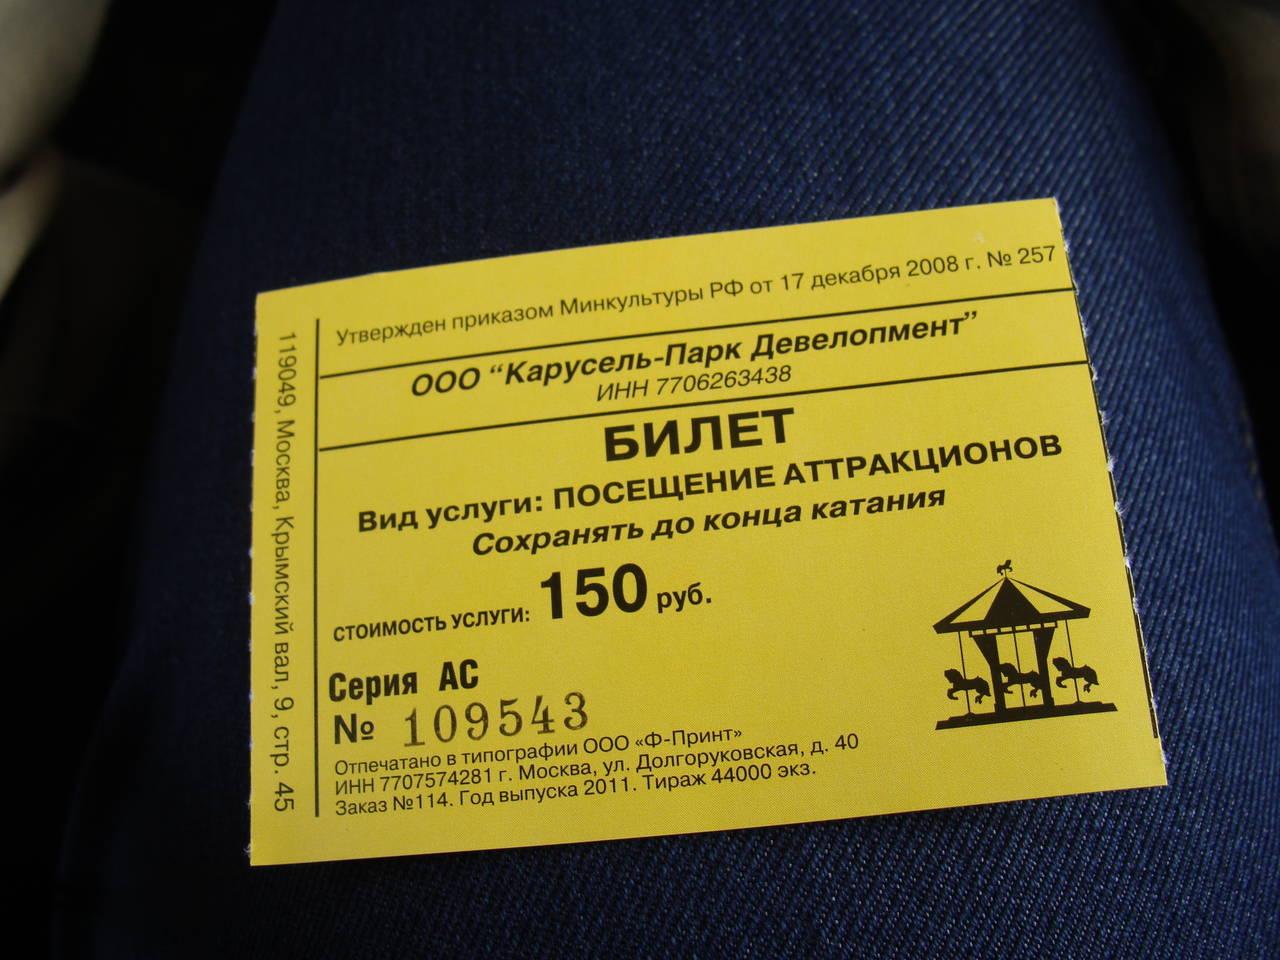 http://s1.uploads.ru/i/huV9L.jpg